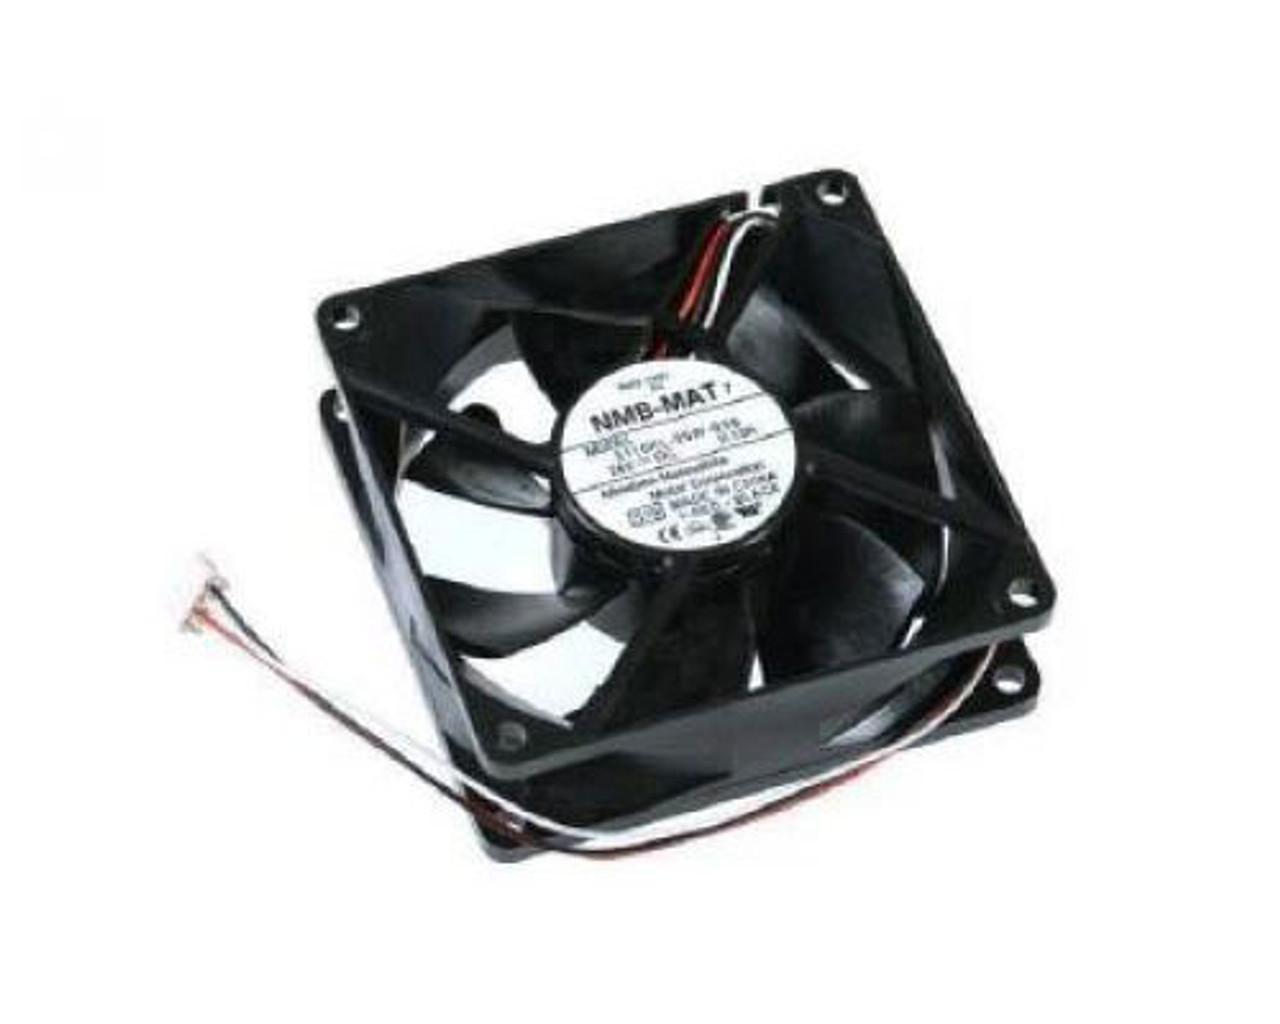 HP Laserjet 5500 5550 Fan - RH7-1491 - HP 4600 4650 Formatter Fan